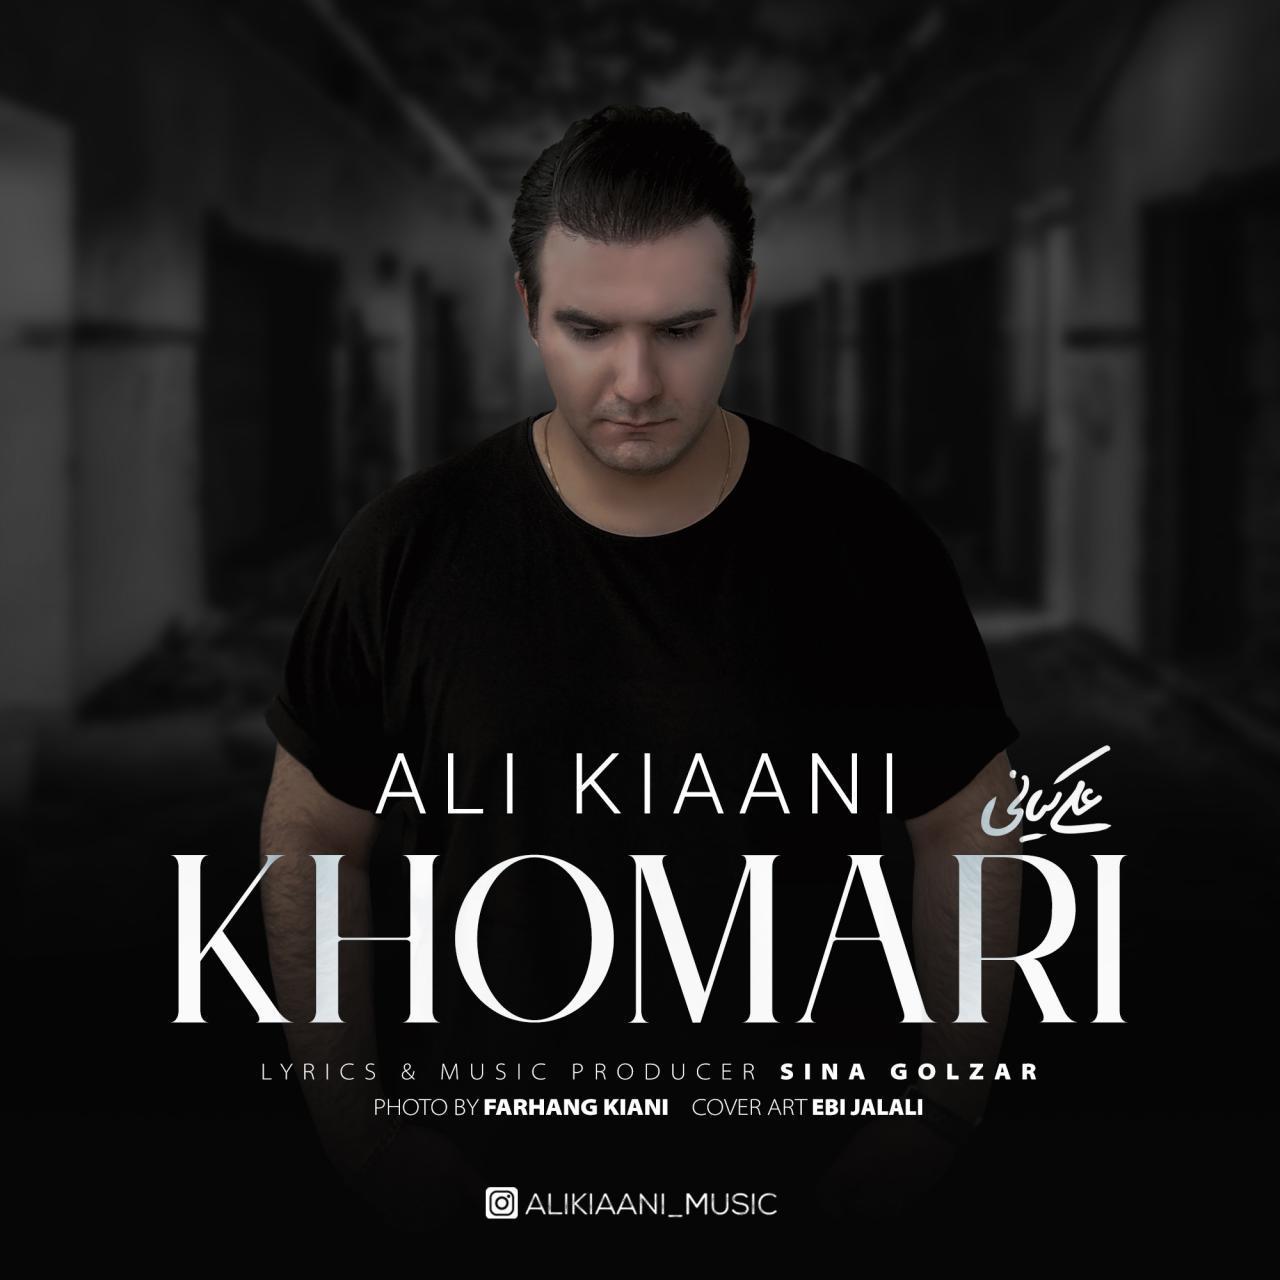 Ali Kiaani – Khomari